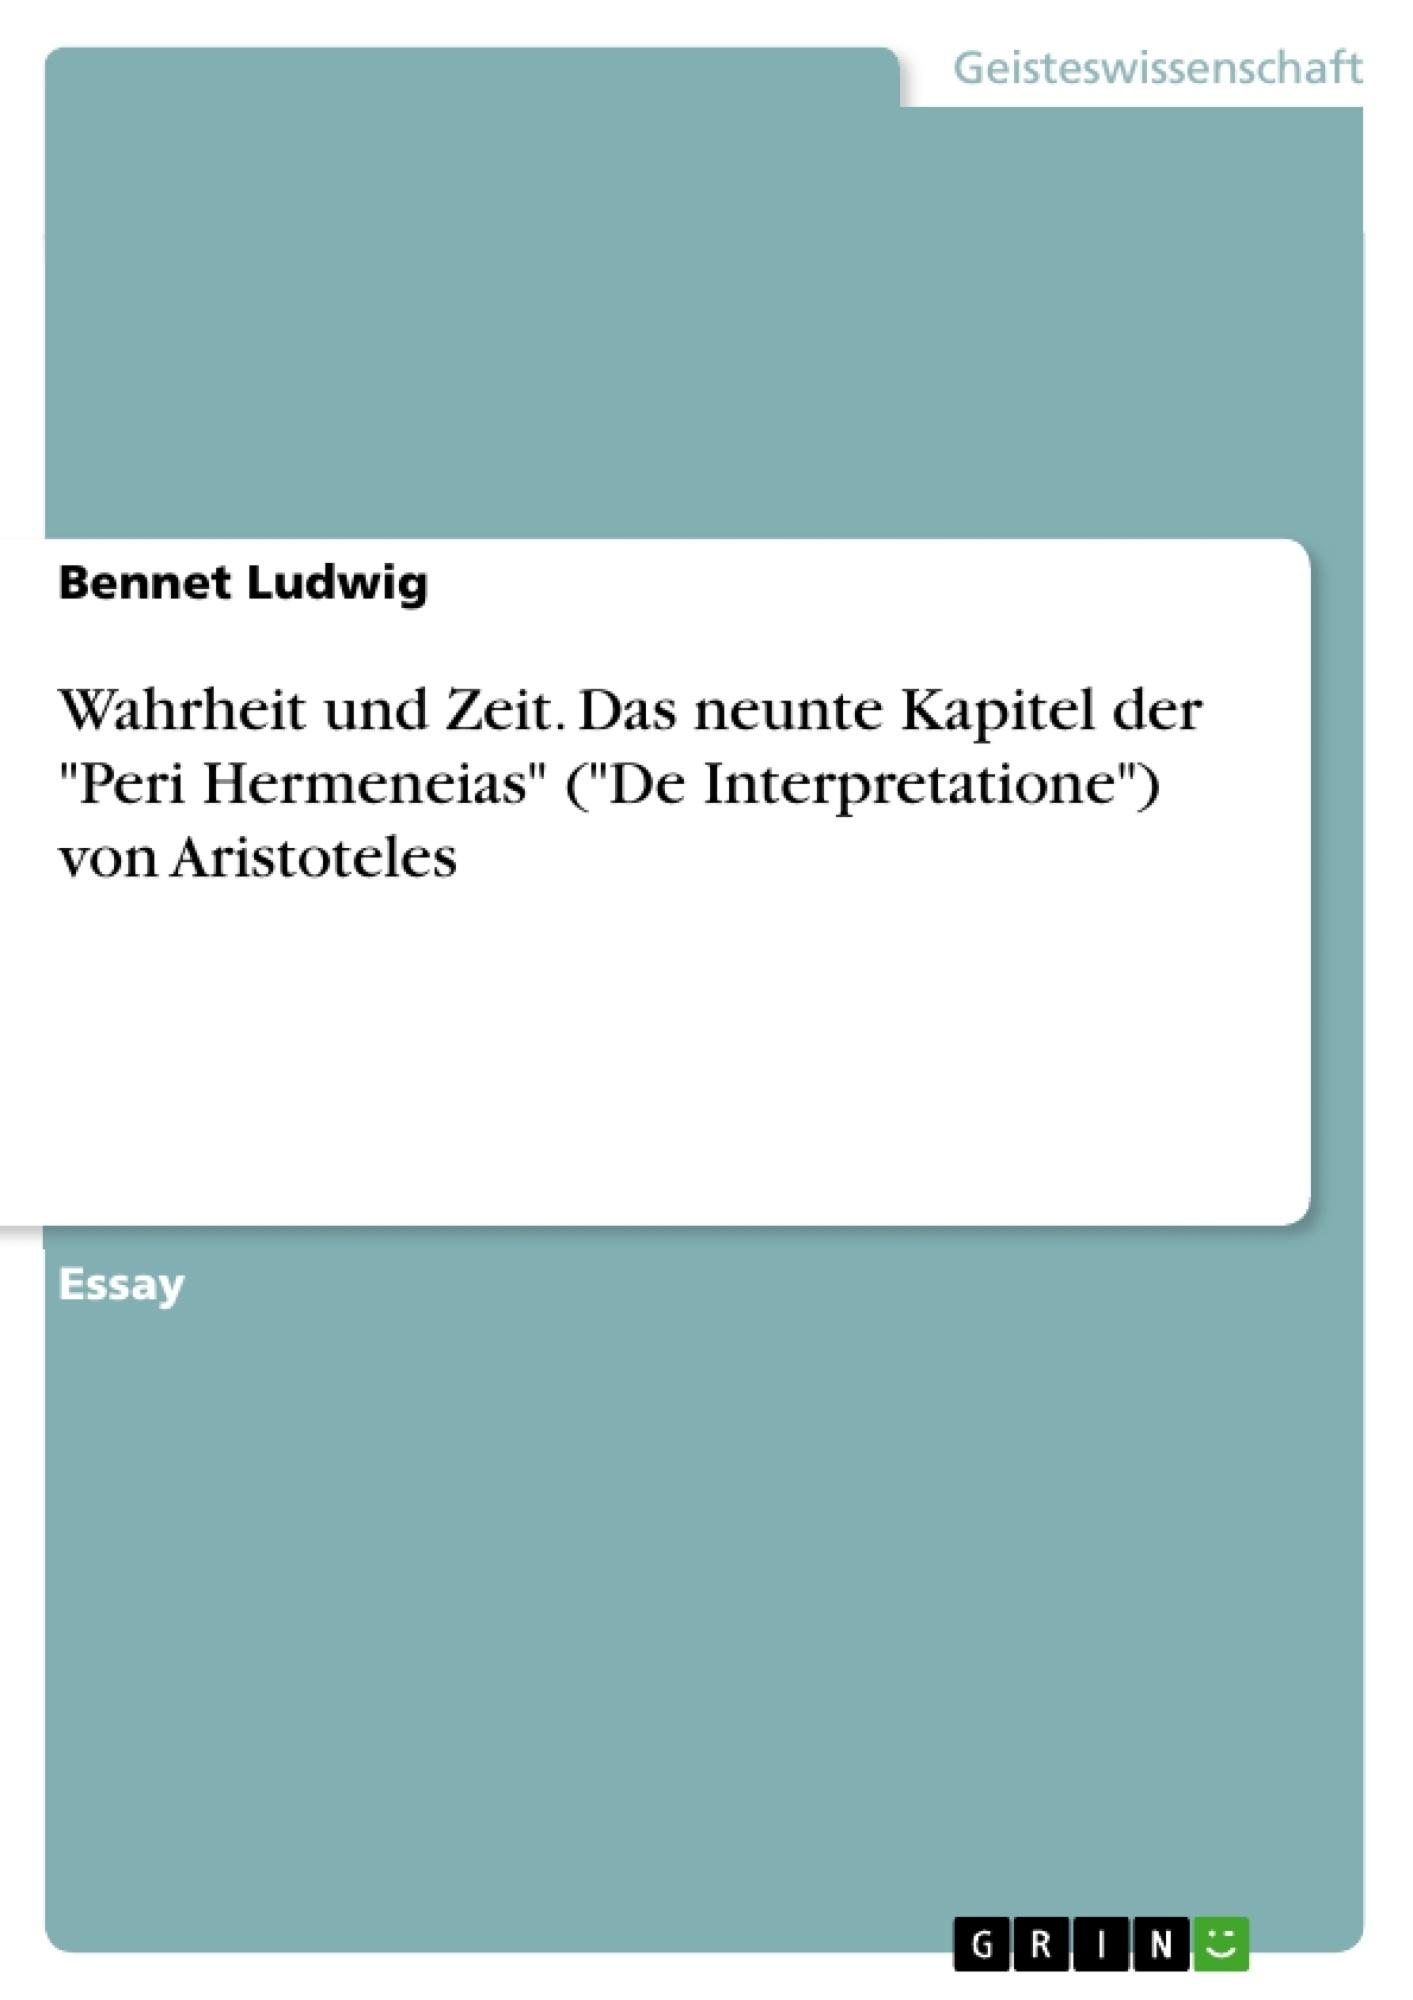 """Titel: Wahrheit und Zeit. Das neunte Kapitel der """"Peri Hermeneias"""" (""""De Interpretatione"""") von Aristoteles"""